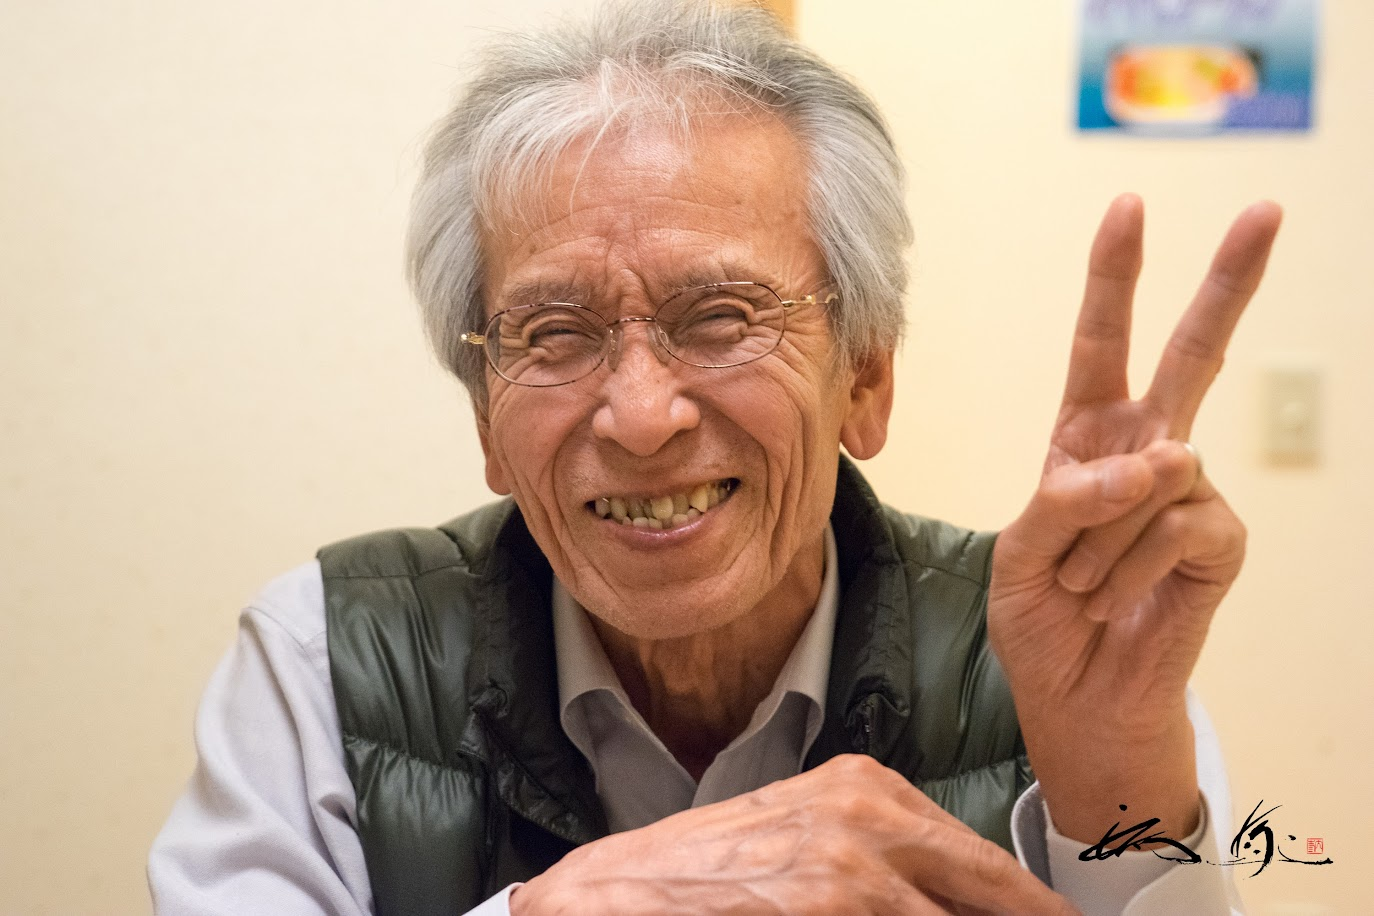 石井光昭 先生(81歳)